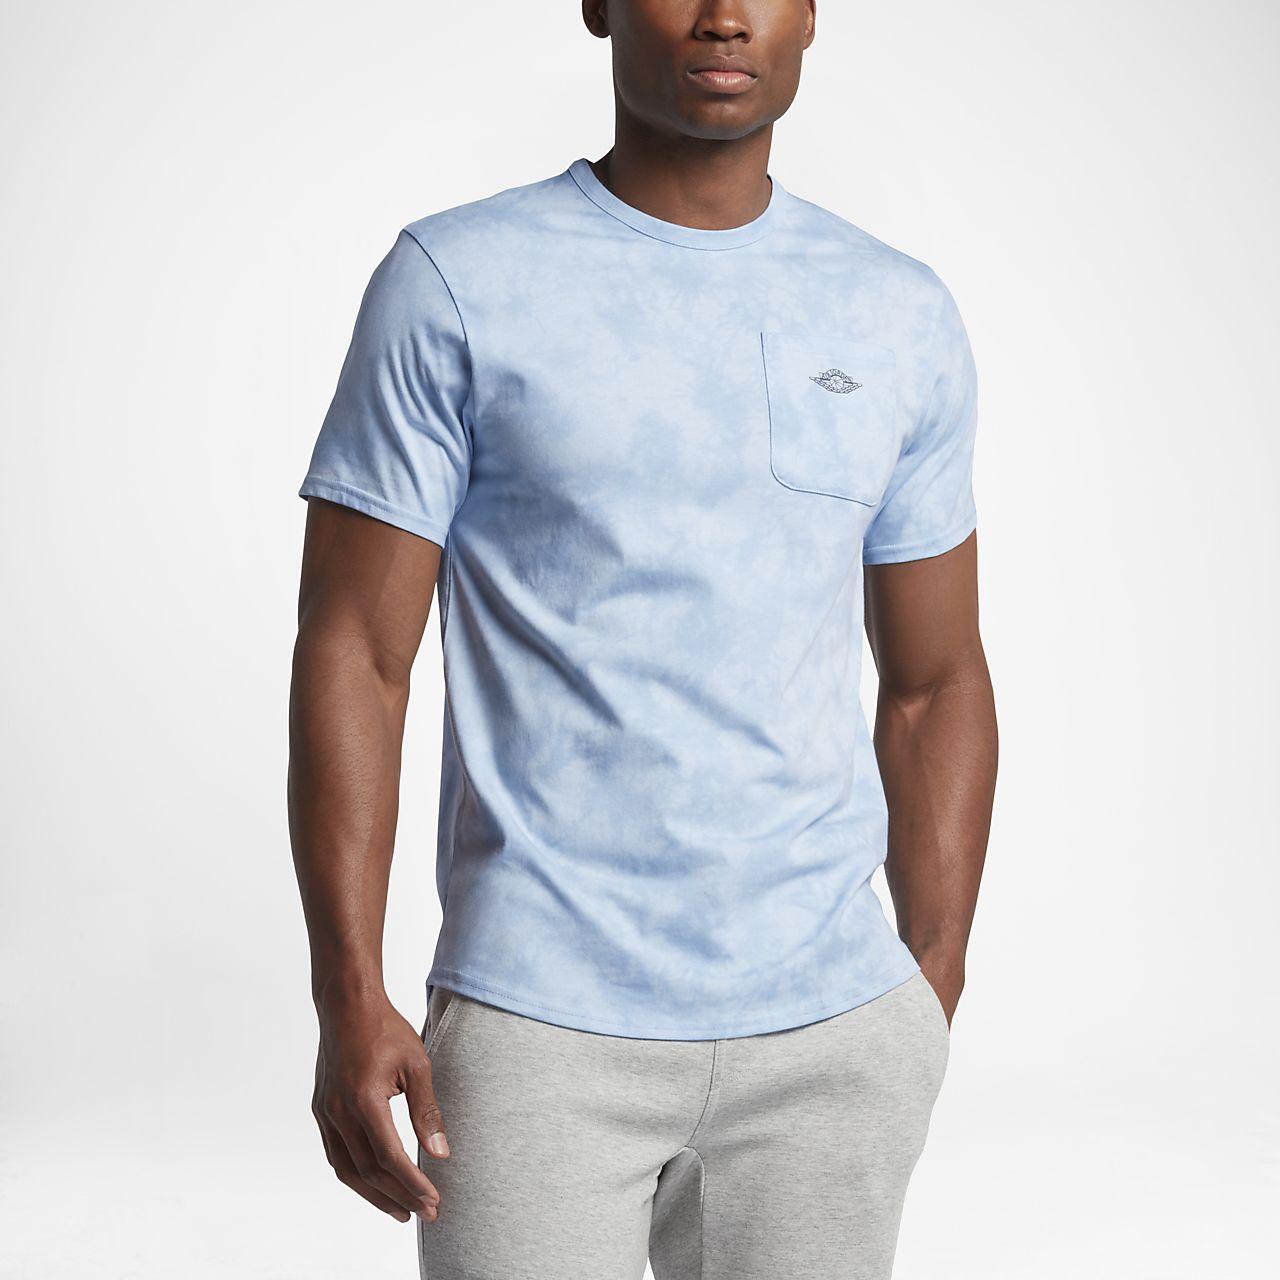 4e921d40f89d02 Jordan 23 True Fadeaway Men s T-Shirt. Nike.com IN